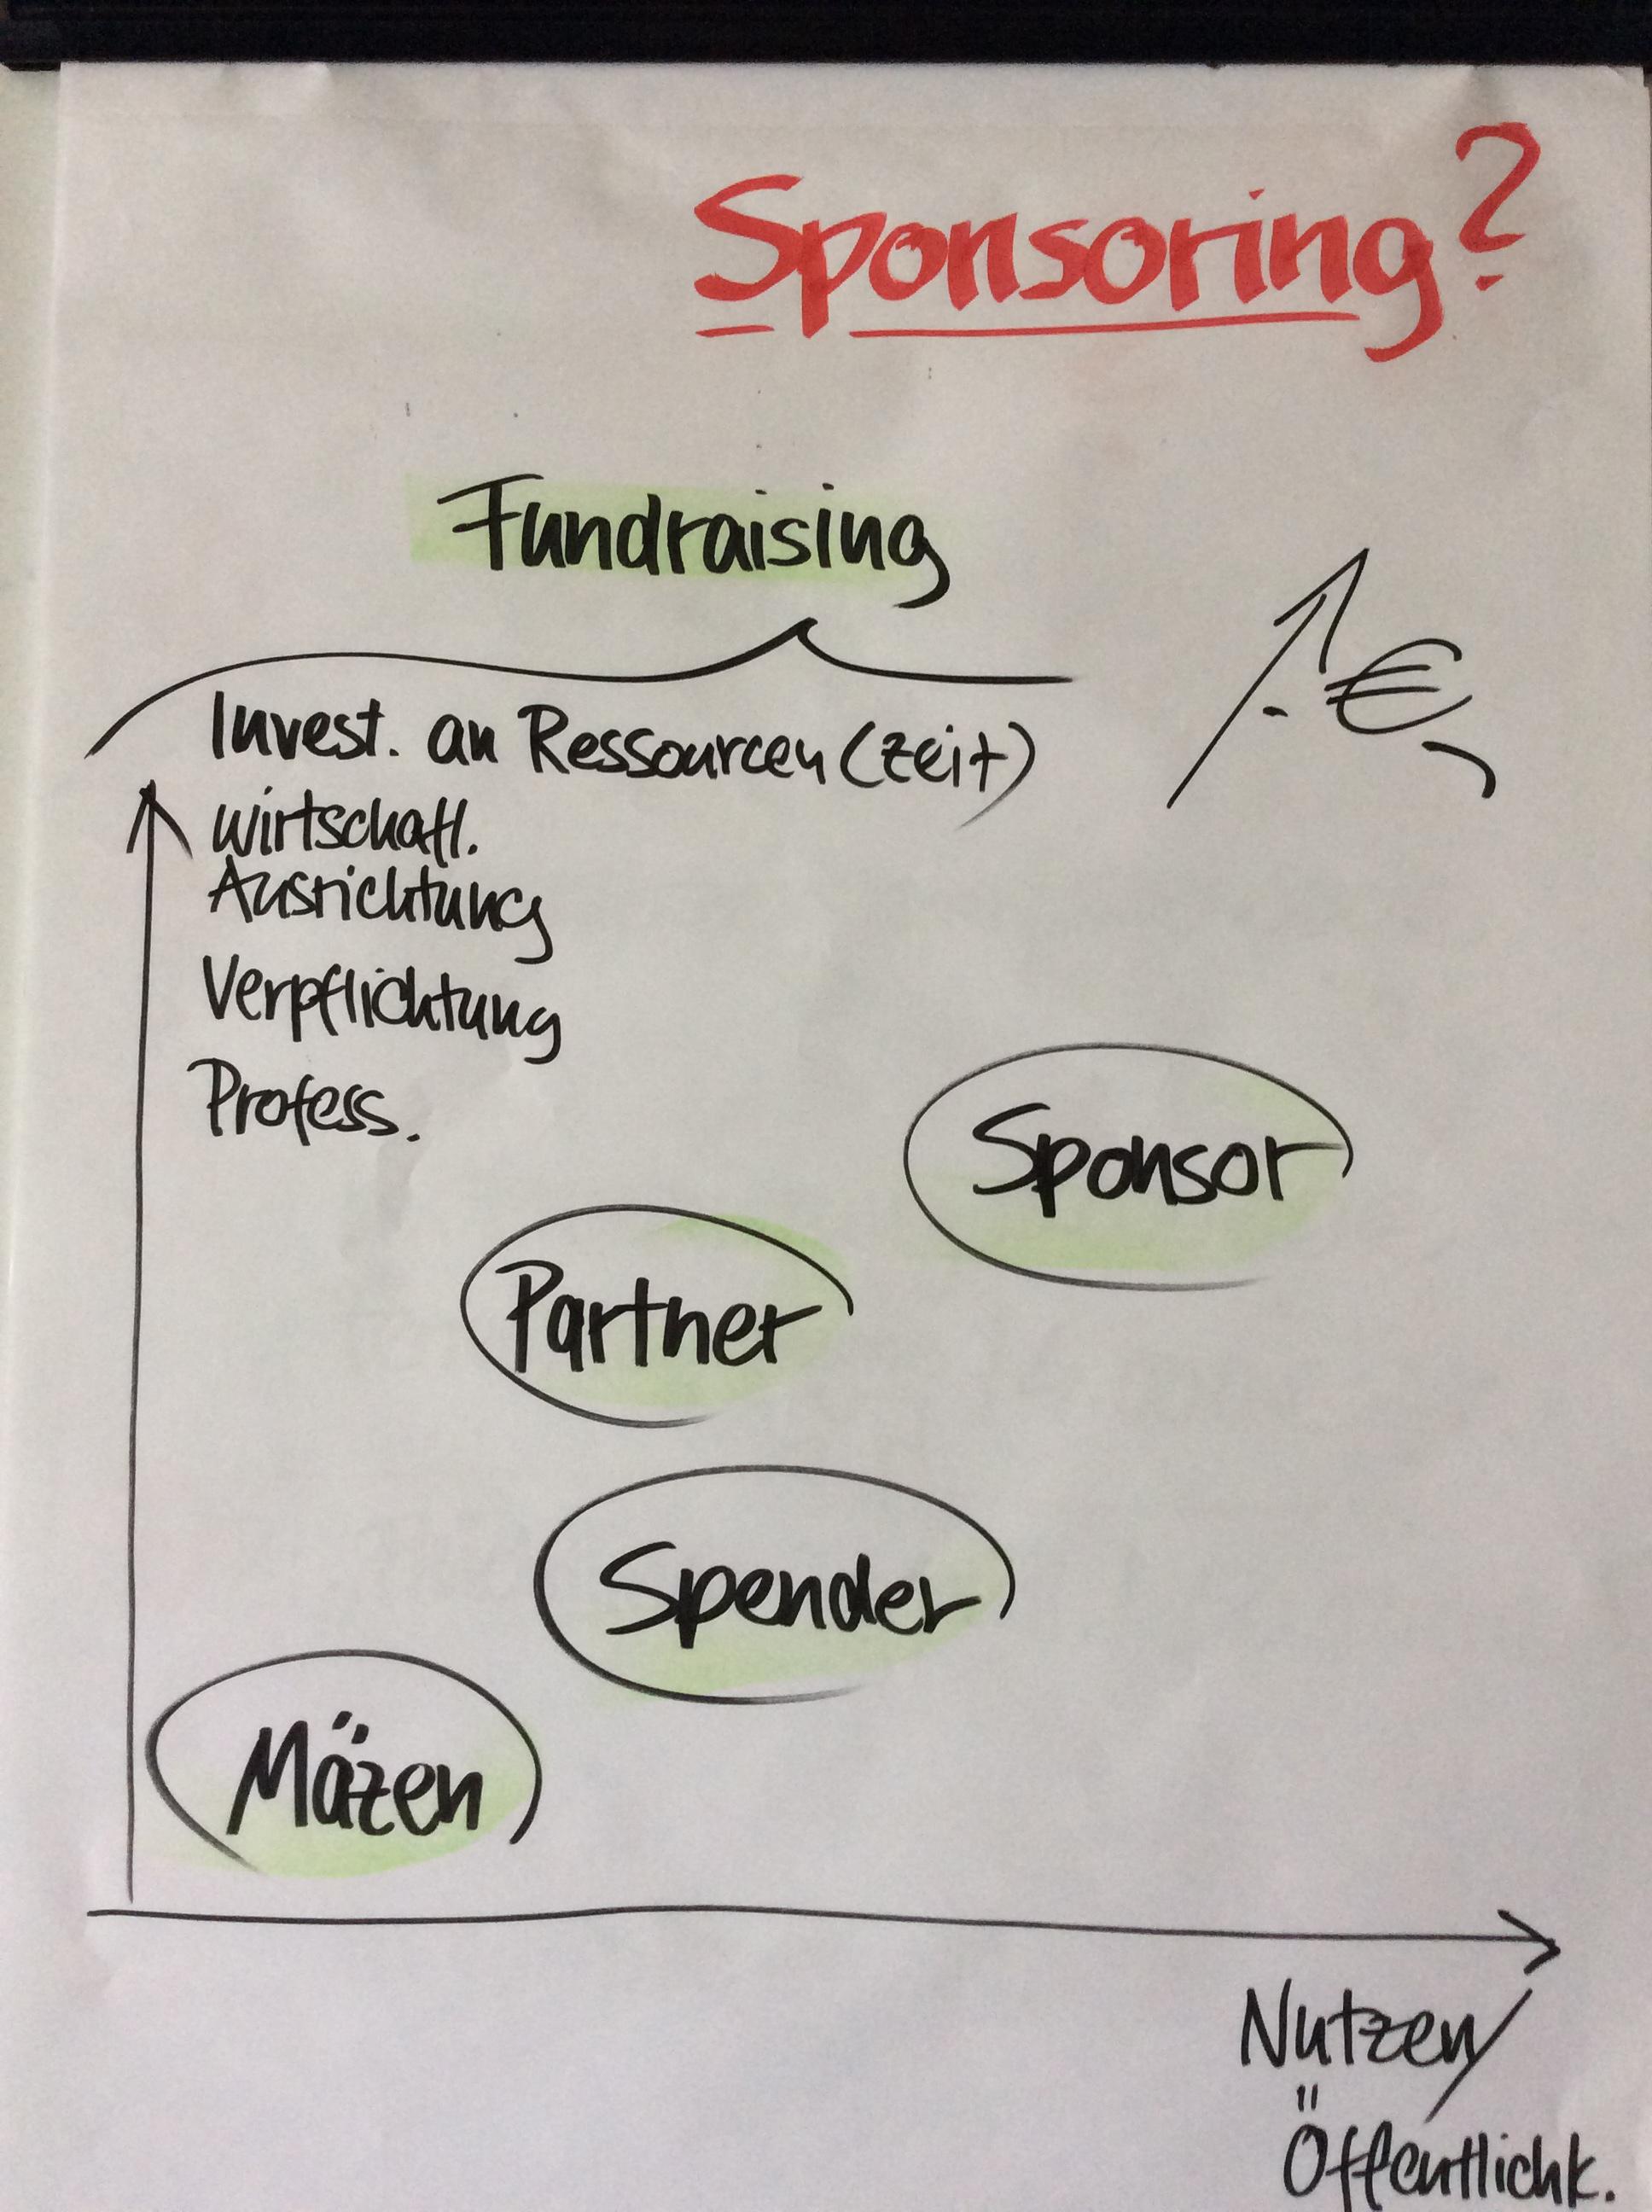 Fundraising Diagramm 3